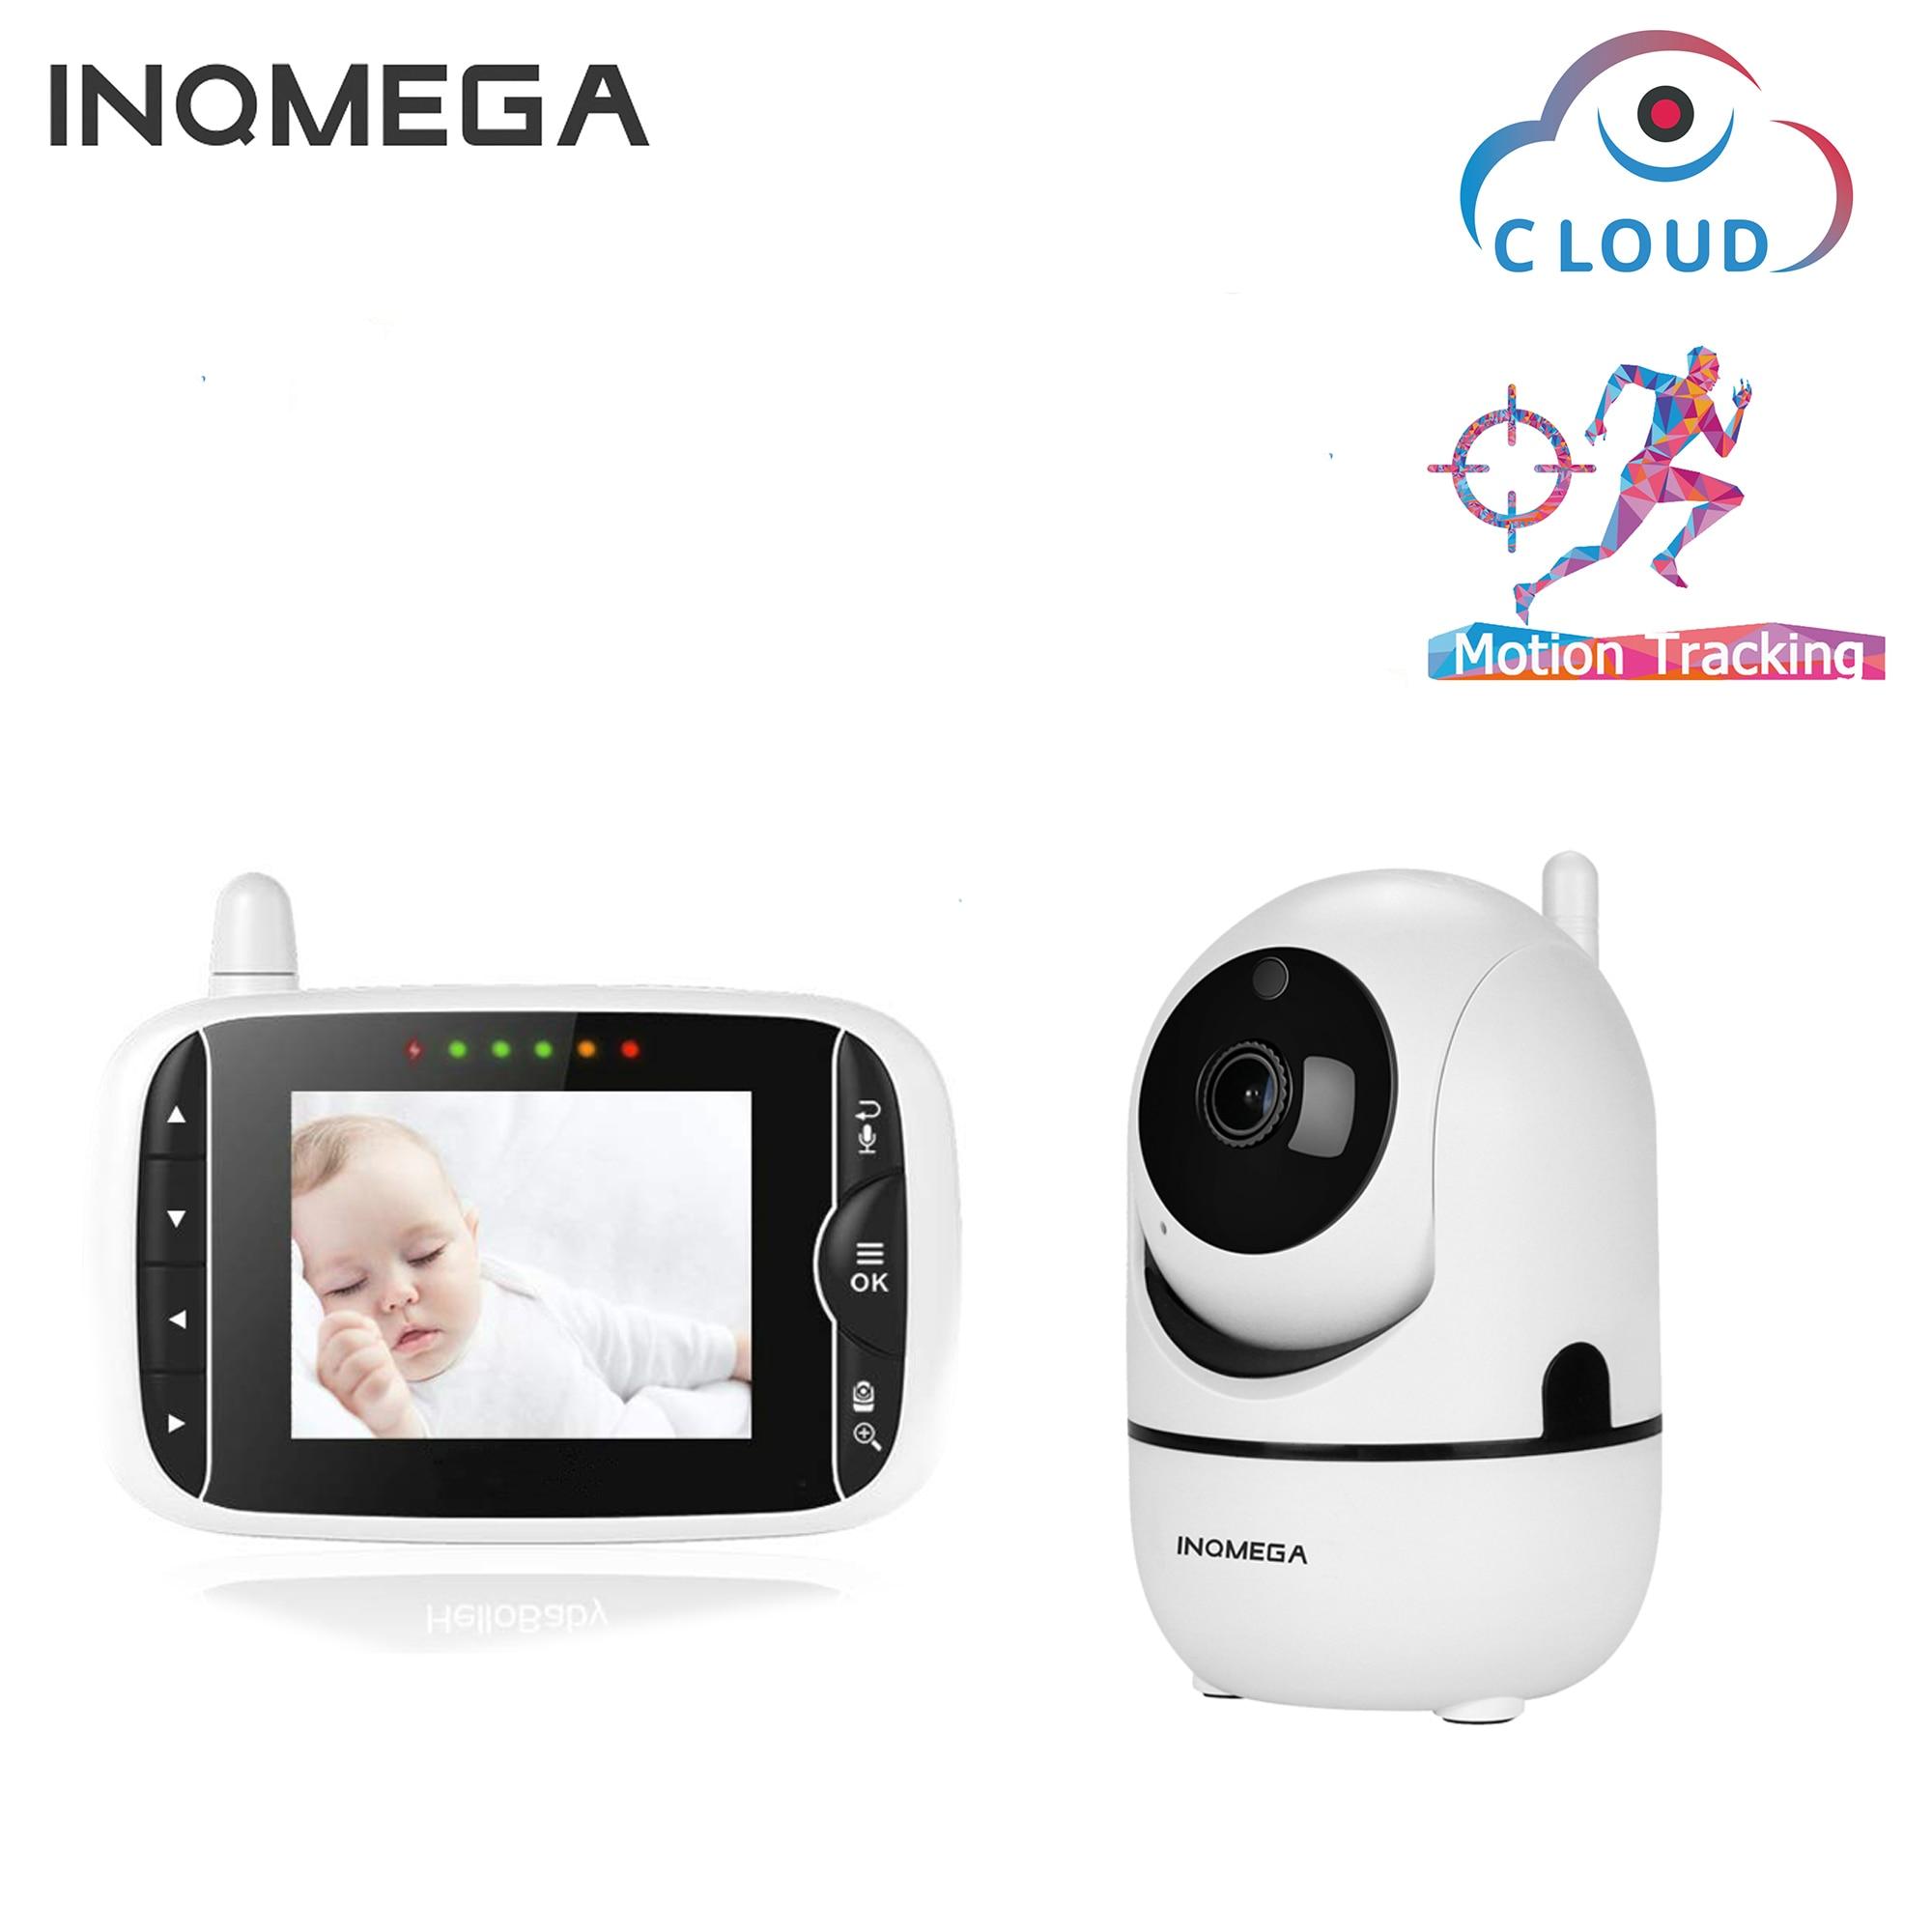 INQMEGA Детские Мониторы 4,3 дюймов 1080P инфракрасное ночное видение беспроводные видео Детские спальные мониторы камеры наблюдения температуры